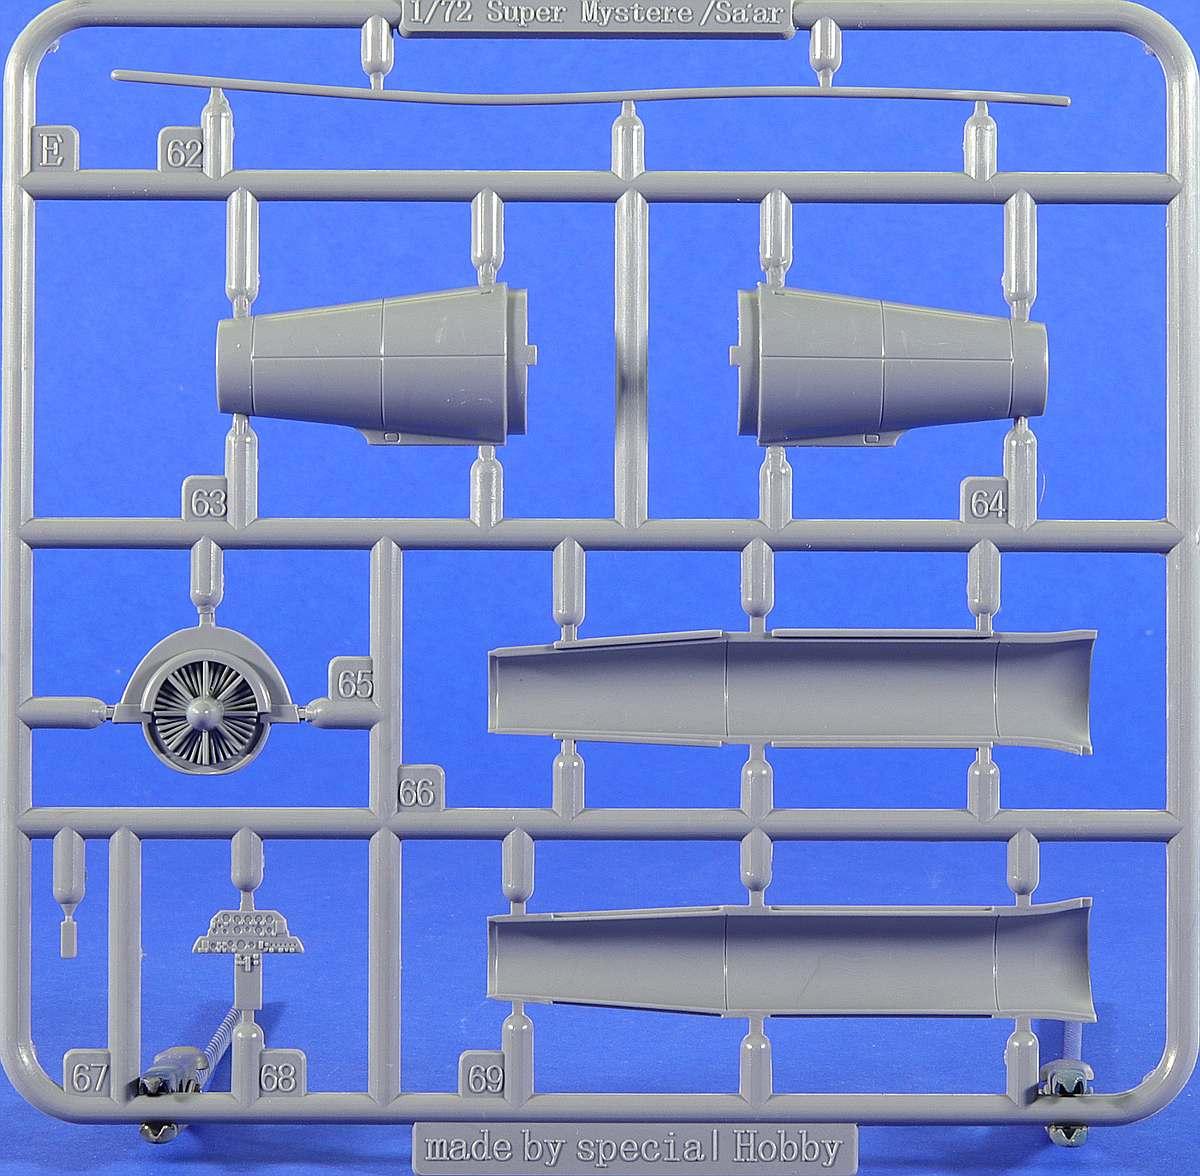 Special-Hobby-72417-SMB-2-Duo-Pack-Rahmen-E-1 Super Mystère SMB-2 als Duo Pack in 1:72 von Special Hobby # 72417